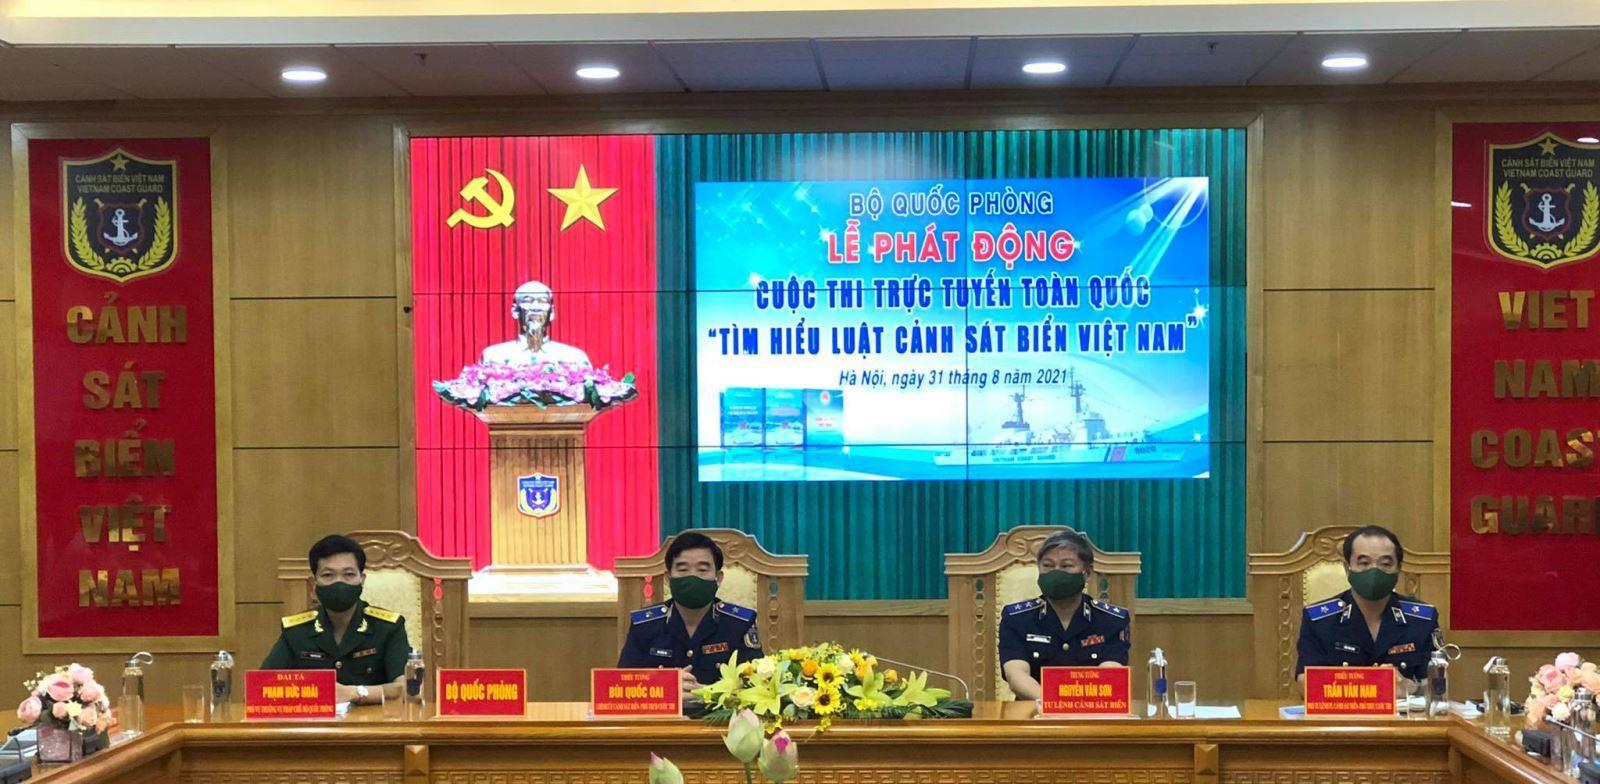 """Khuyến khích các các cơ quan, đơn vị quân đội tham gia Cuộc thi trực tuyến toàn quốc """"Tìm hiểu Luật Cảnh sát biển Việt Nam"""""""